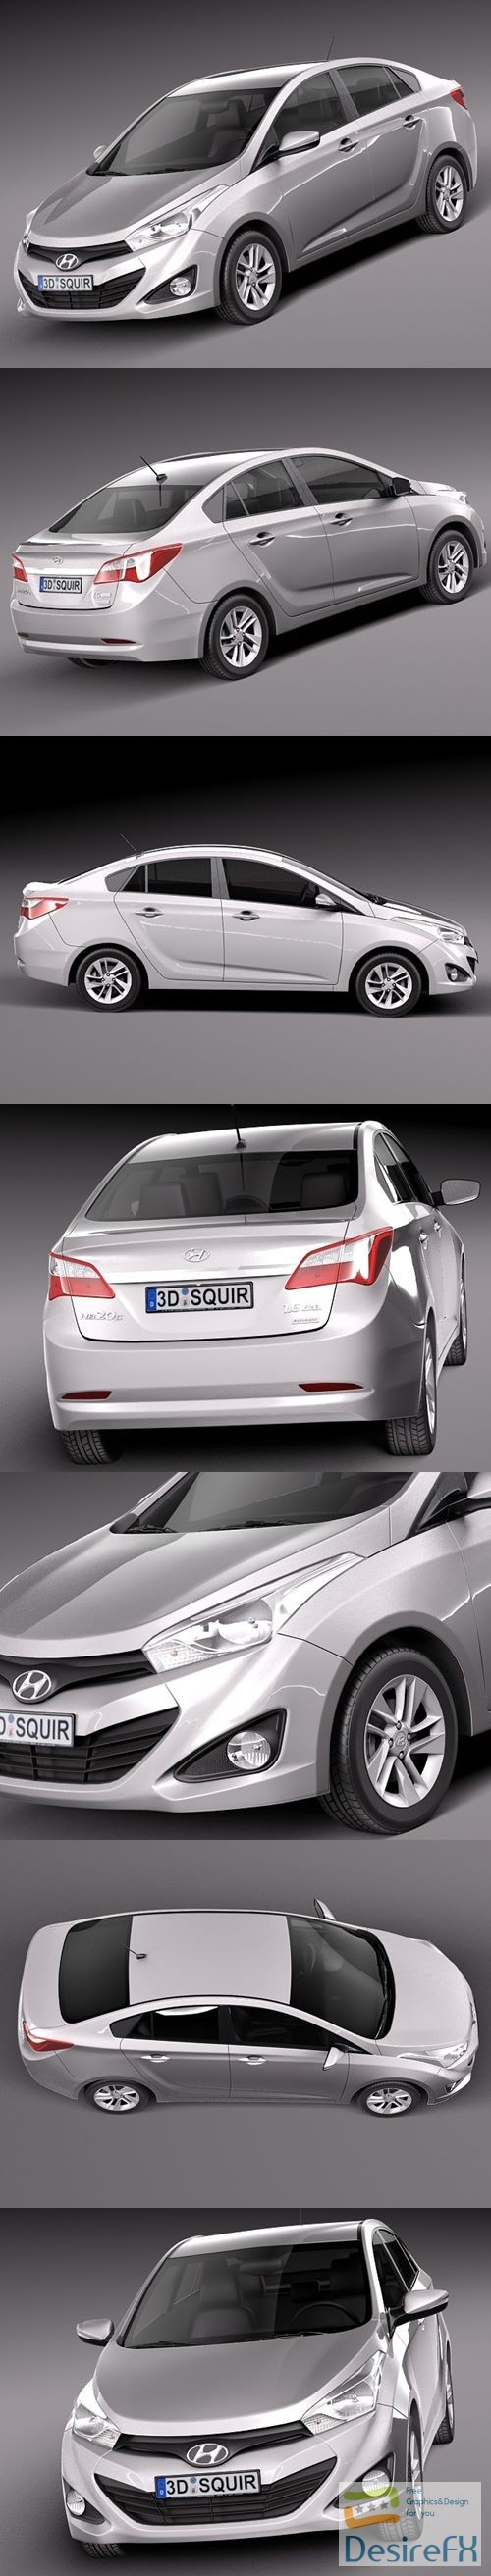 3d-models - Hyundai HB20S 2013 3D Model